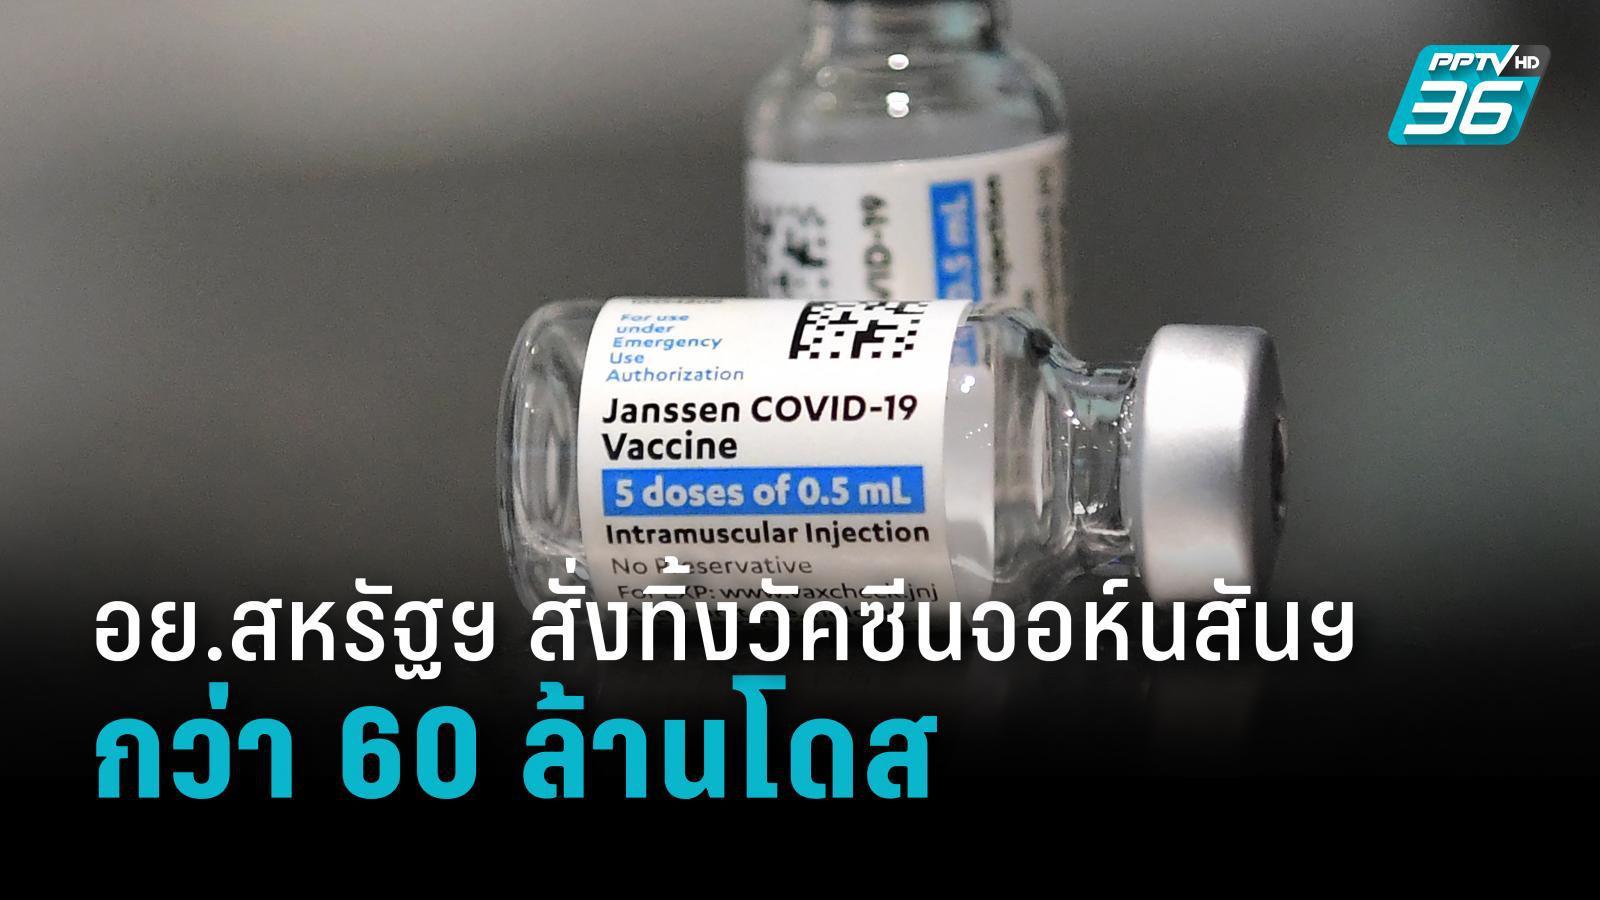 อย.สหรัฐฯ สั่งทิ้งวัคซีนโควิด-19 จอห์นสันแอนด์จอห์นสัน 60 ล้านโดส